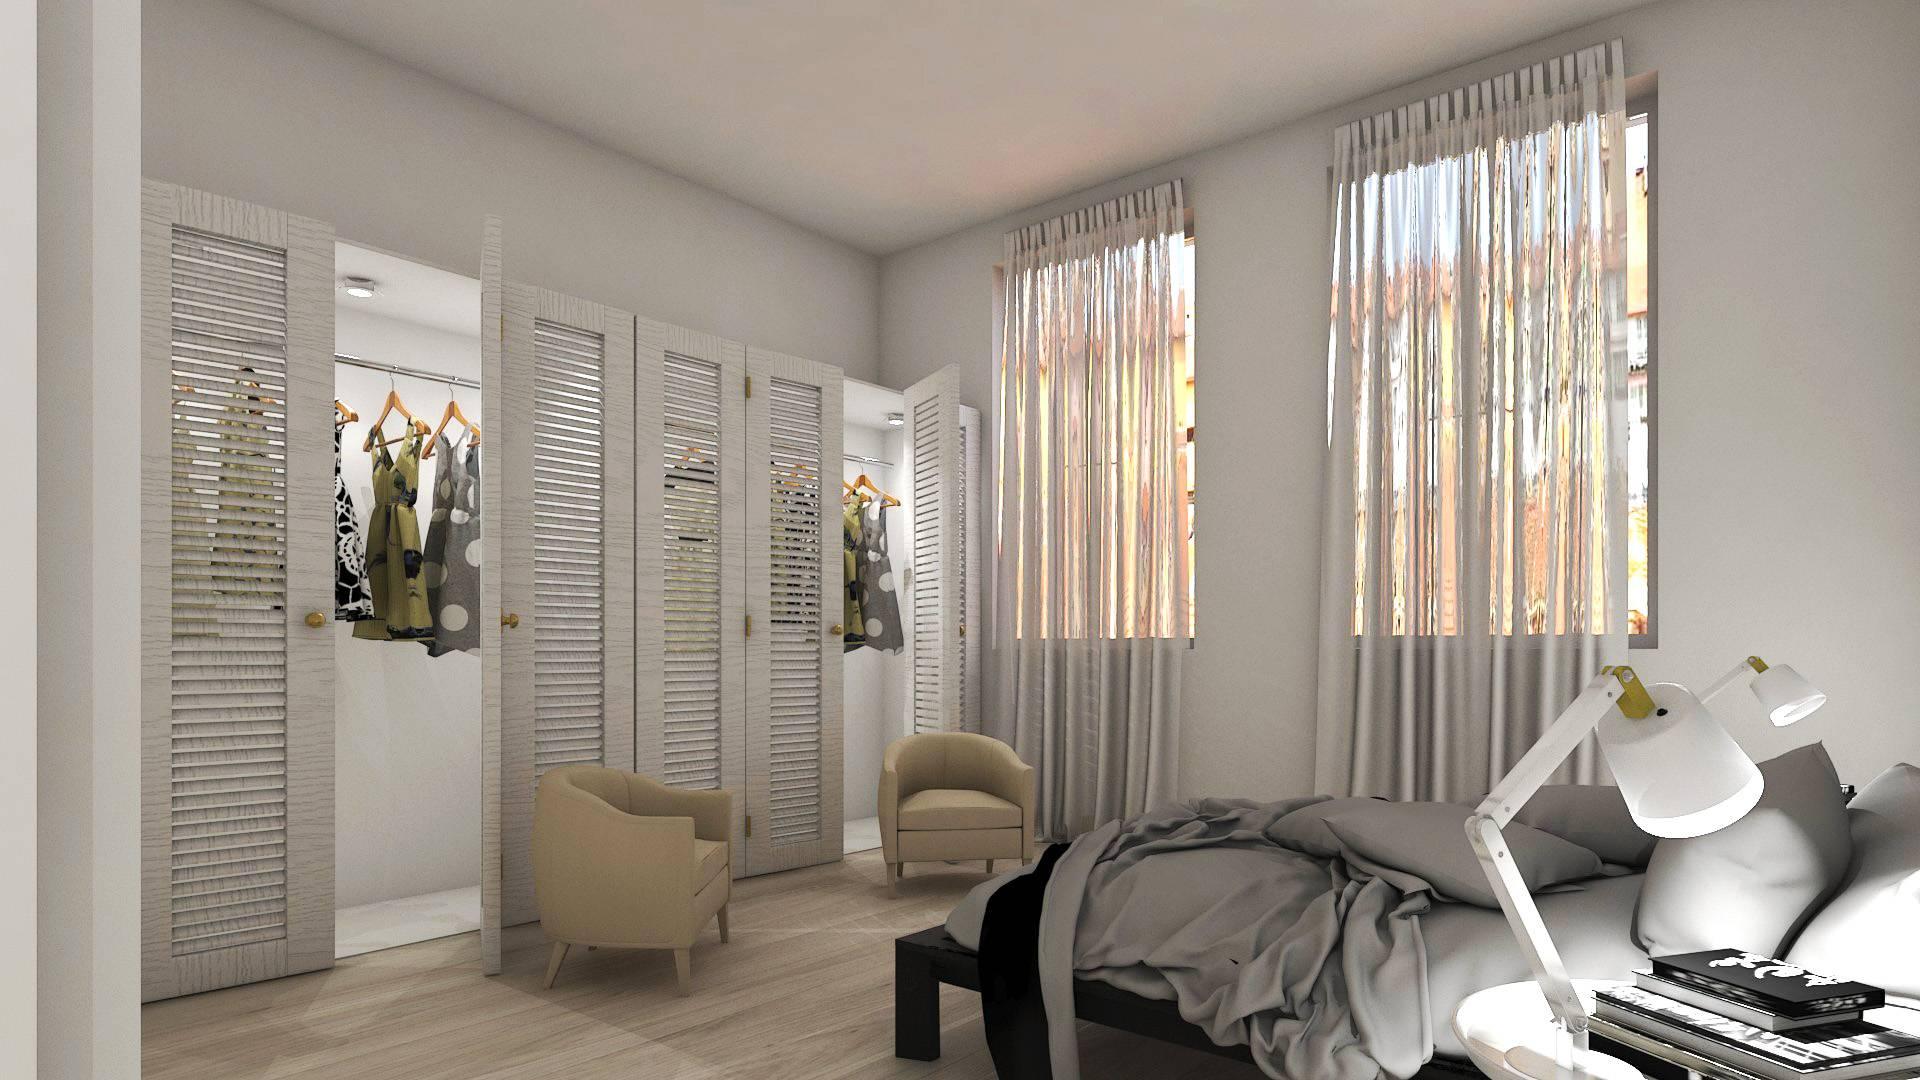 Ufficio Postale Mercato Nuovo Vicenza : Appartamenti in vendita vicenza zona san felice cattane